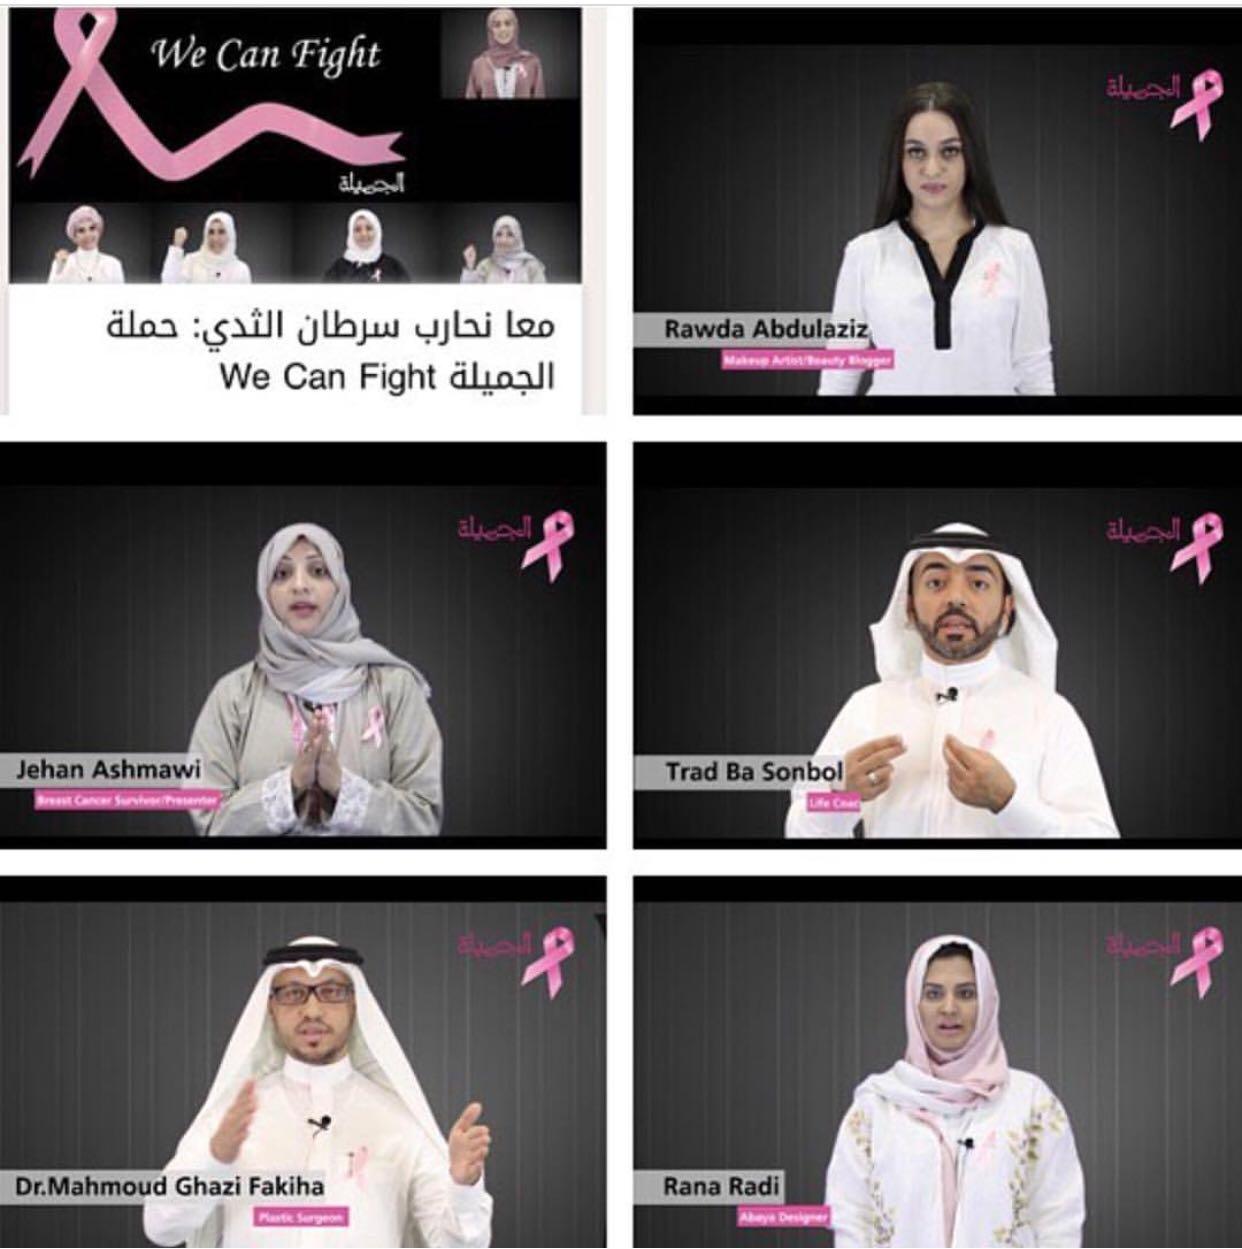 حملة الجميلة - دكتور محمود فقيها